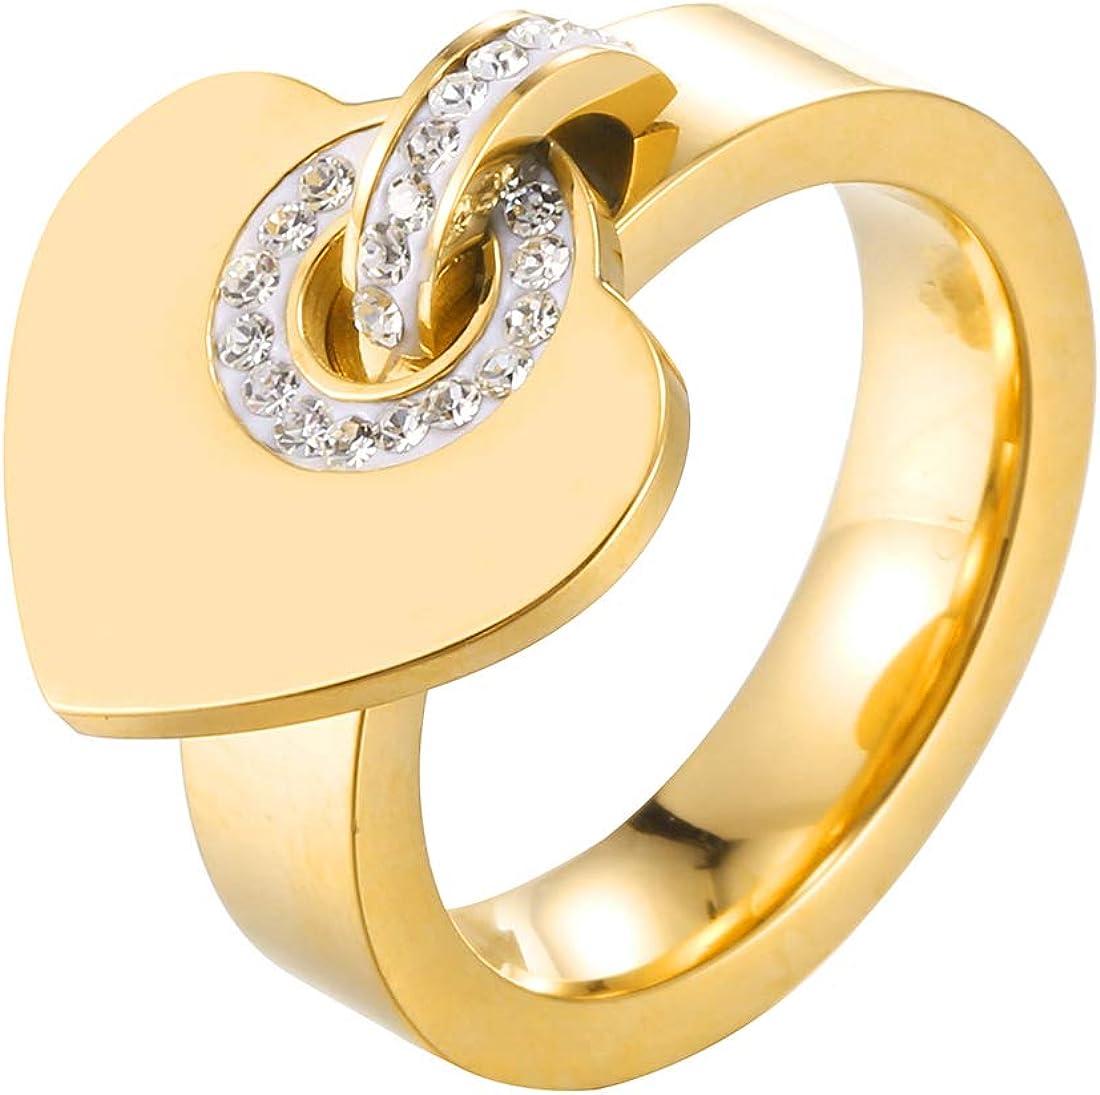 AFSTALR Bague Pendentif Coeur Femme Bague Zircon Cubique Cadeau Anniversaire Saint Valentin Or//Argent//Or Rose